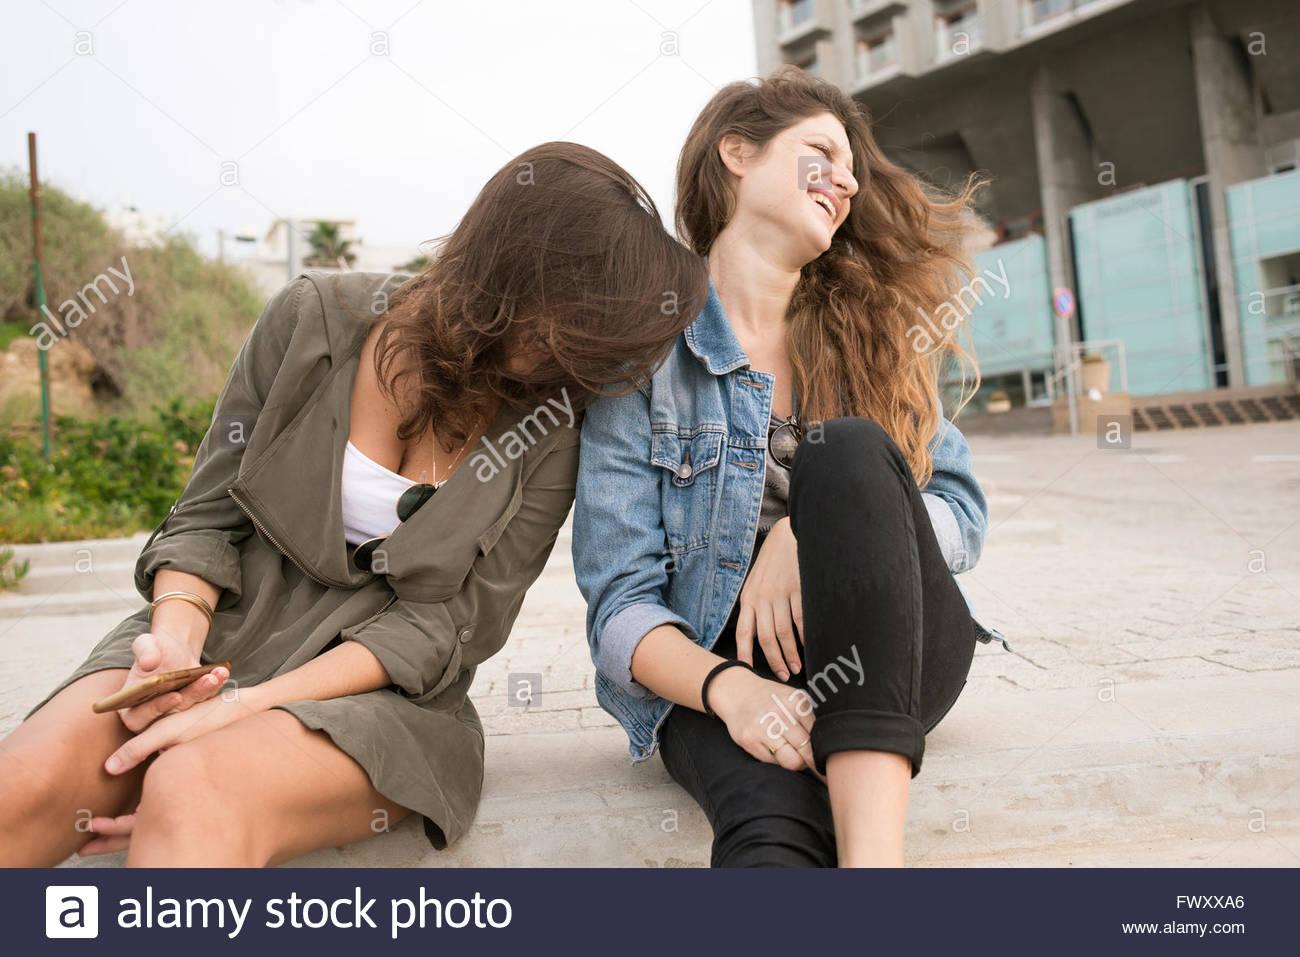 Israel, Tel Aviv, riendo mujeres jóvenes sentados en pasos Imagen De Stock